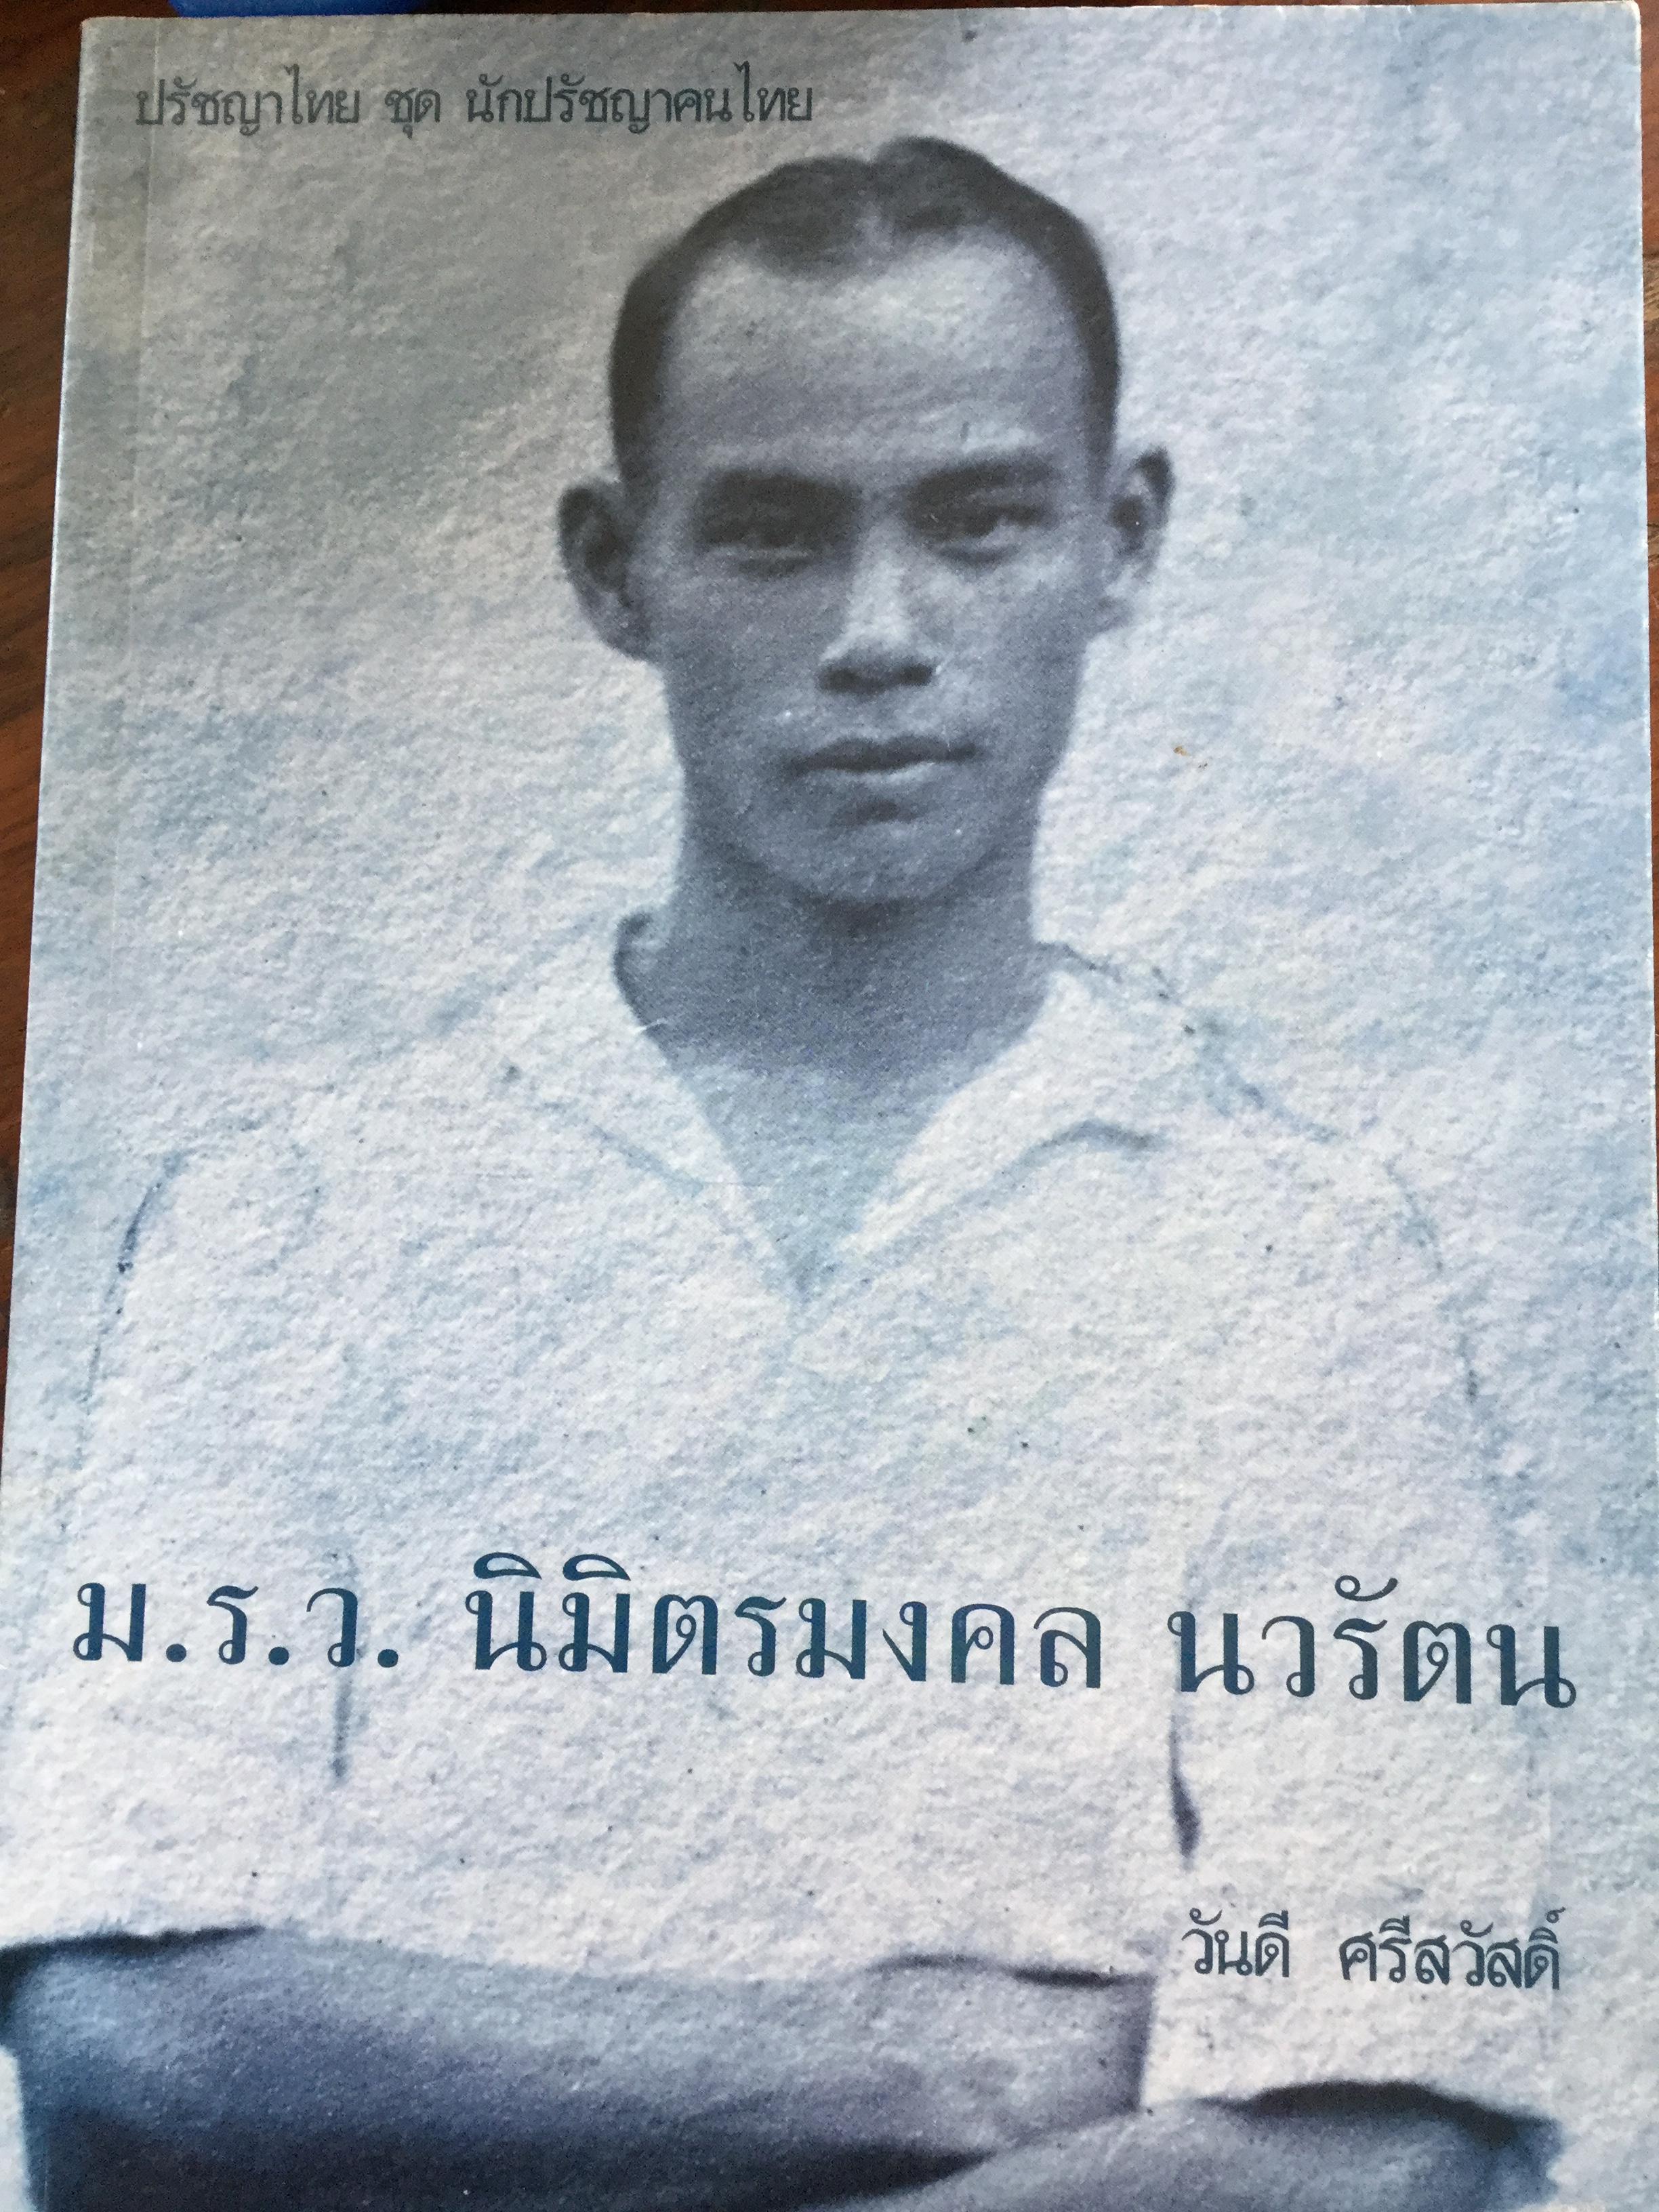 ม.ร.ว.นิมิตรมงคล นวรัตน. ผู้เขียน วันดี ศรีสวัสดิ์. ปรัชญาไทยชุด นักปรัชญาคนไทย